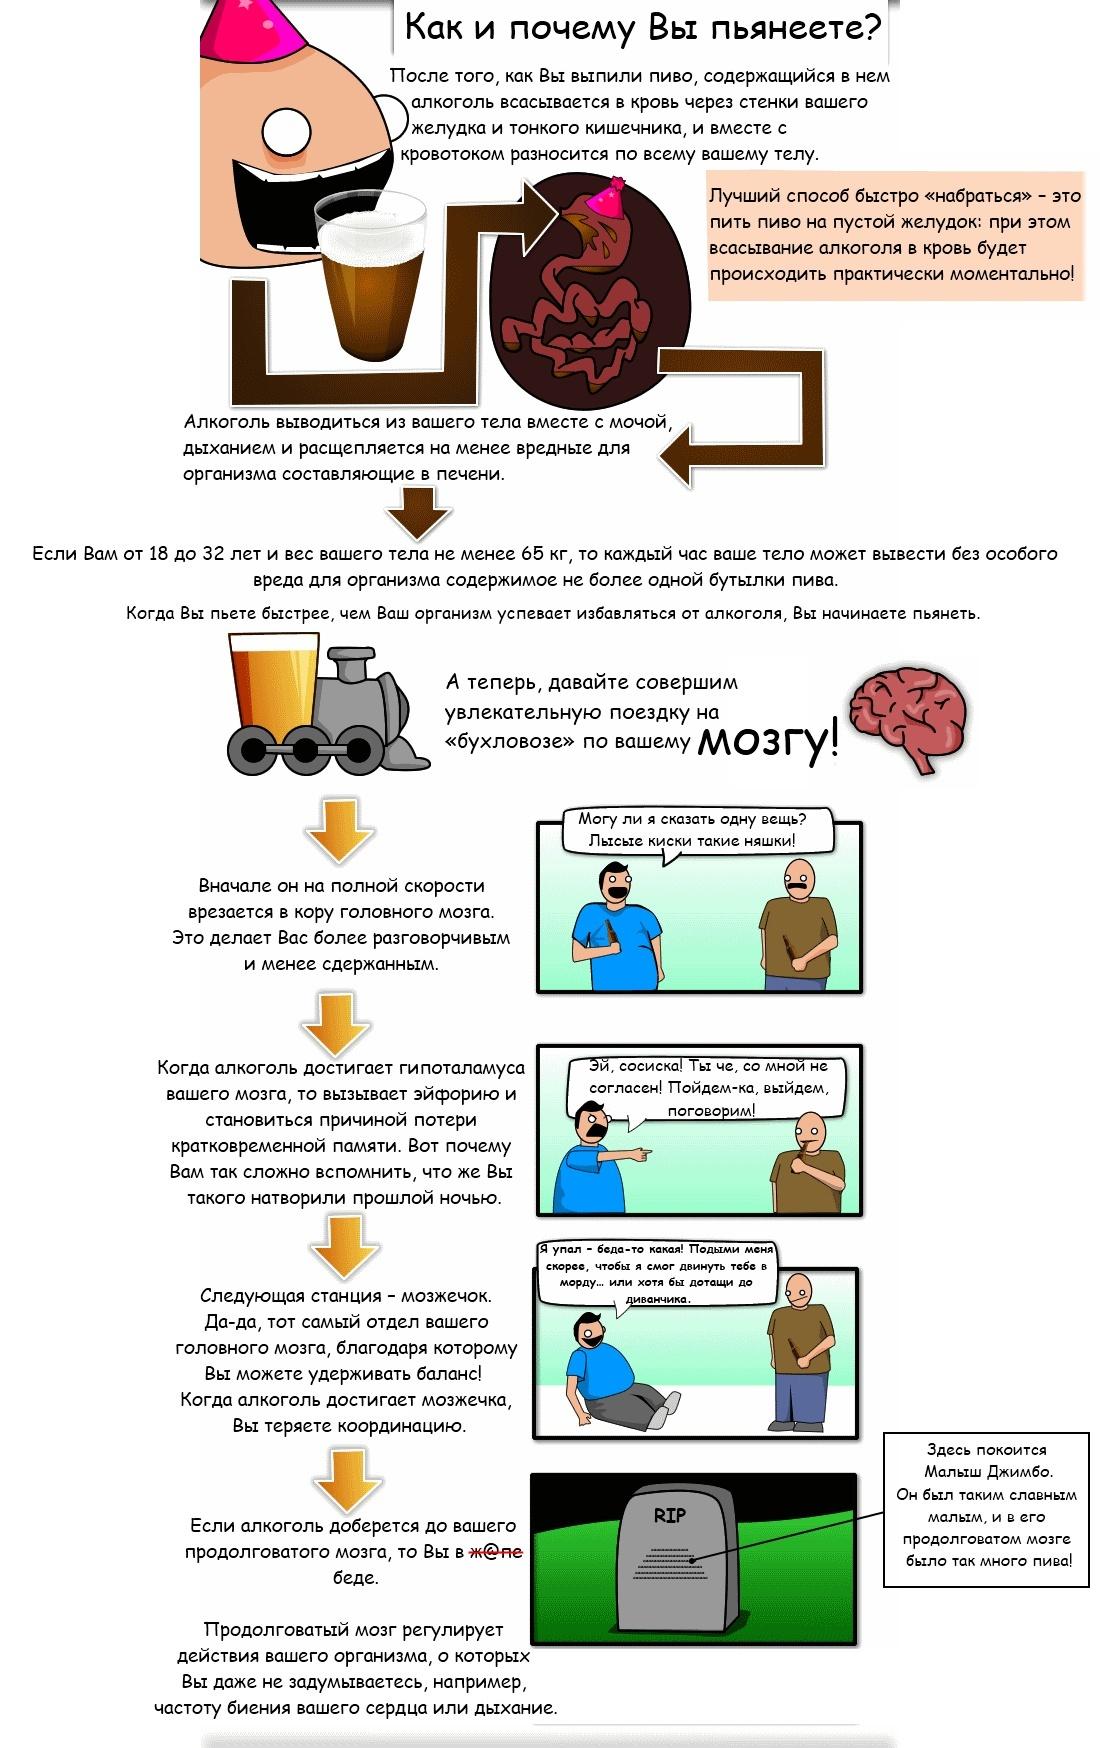 un 7 10 вещей, которые Вы должны знать о пиве